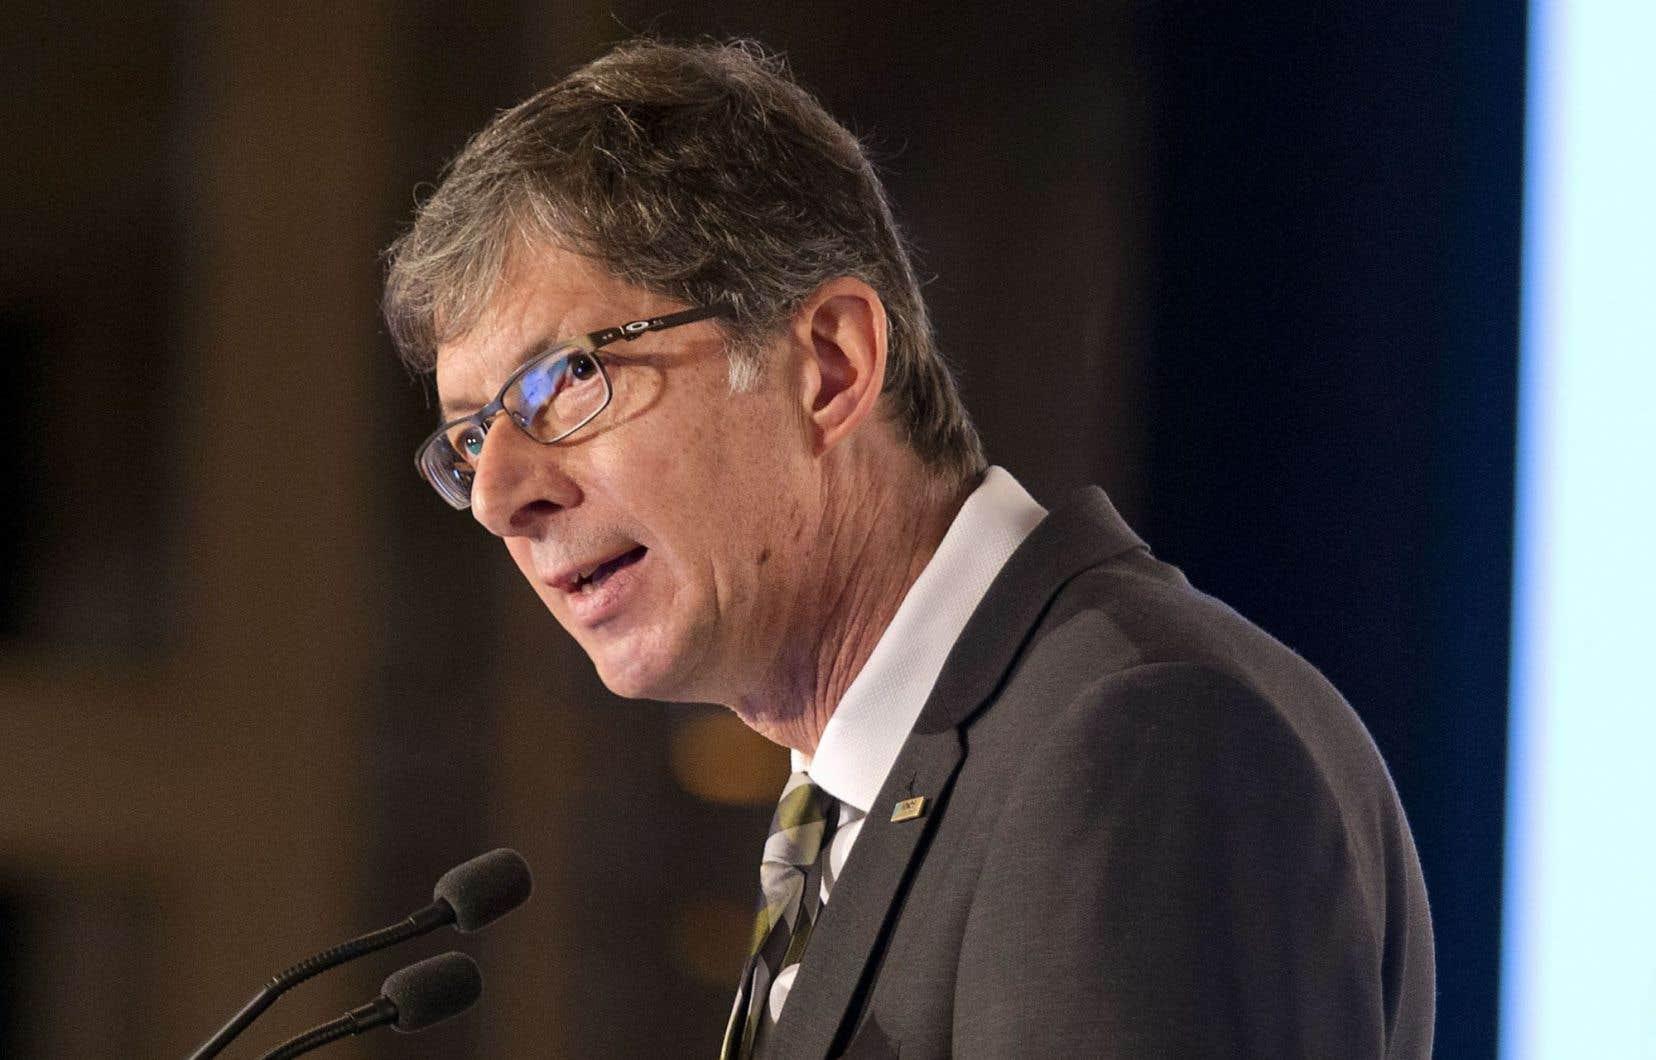 Le président du Fonds de solidarité FTQ, Gaétan Morin, estime que la diminution de sièges sociaux au Québec demeure préoccupante.